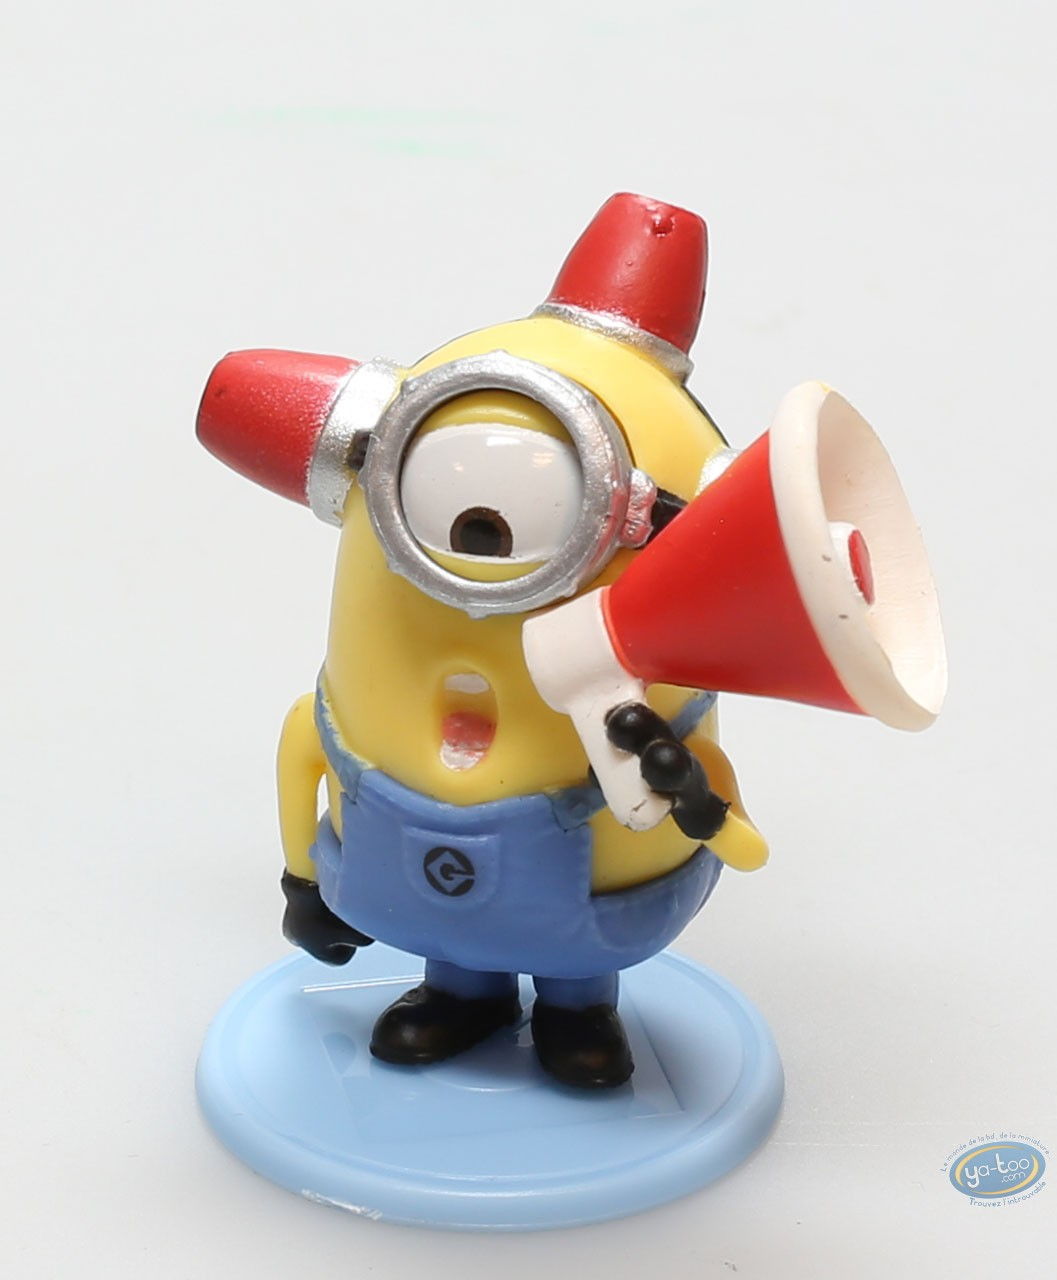 Vente en ligne figurine plastique minions les minion - Minion pompier ...